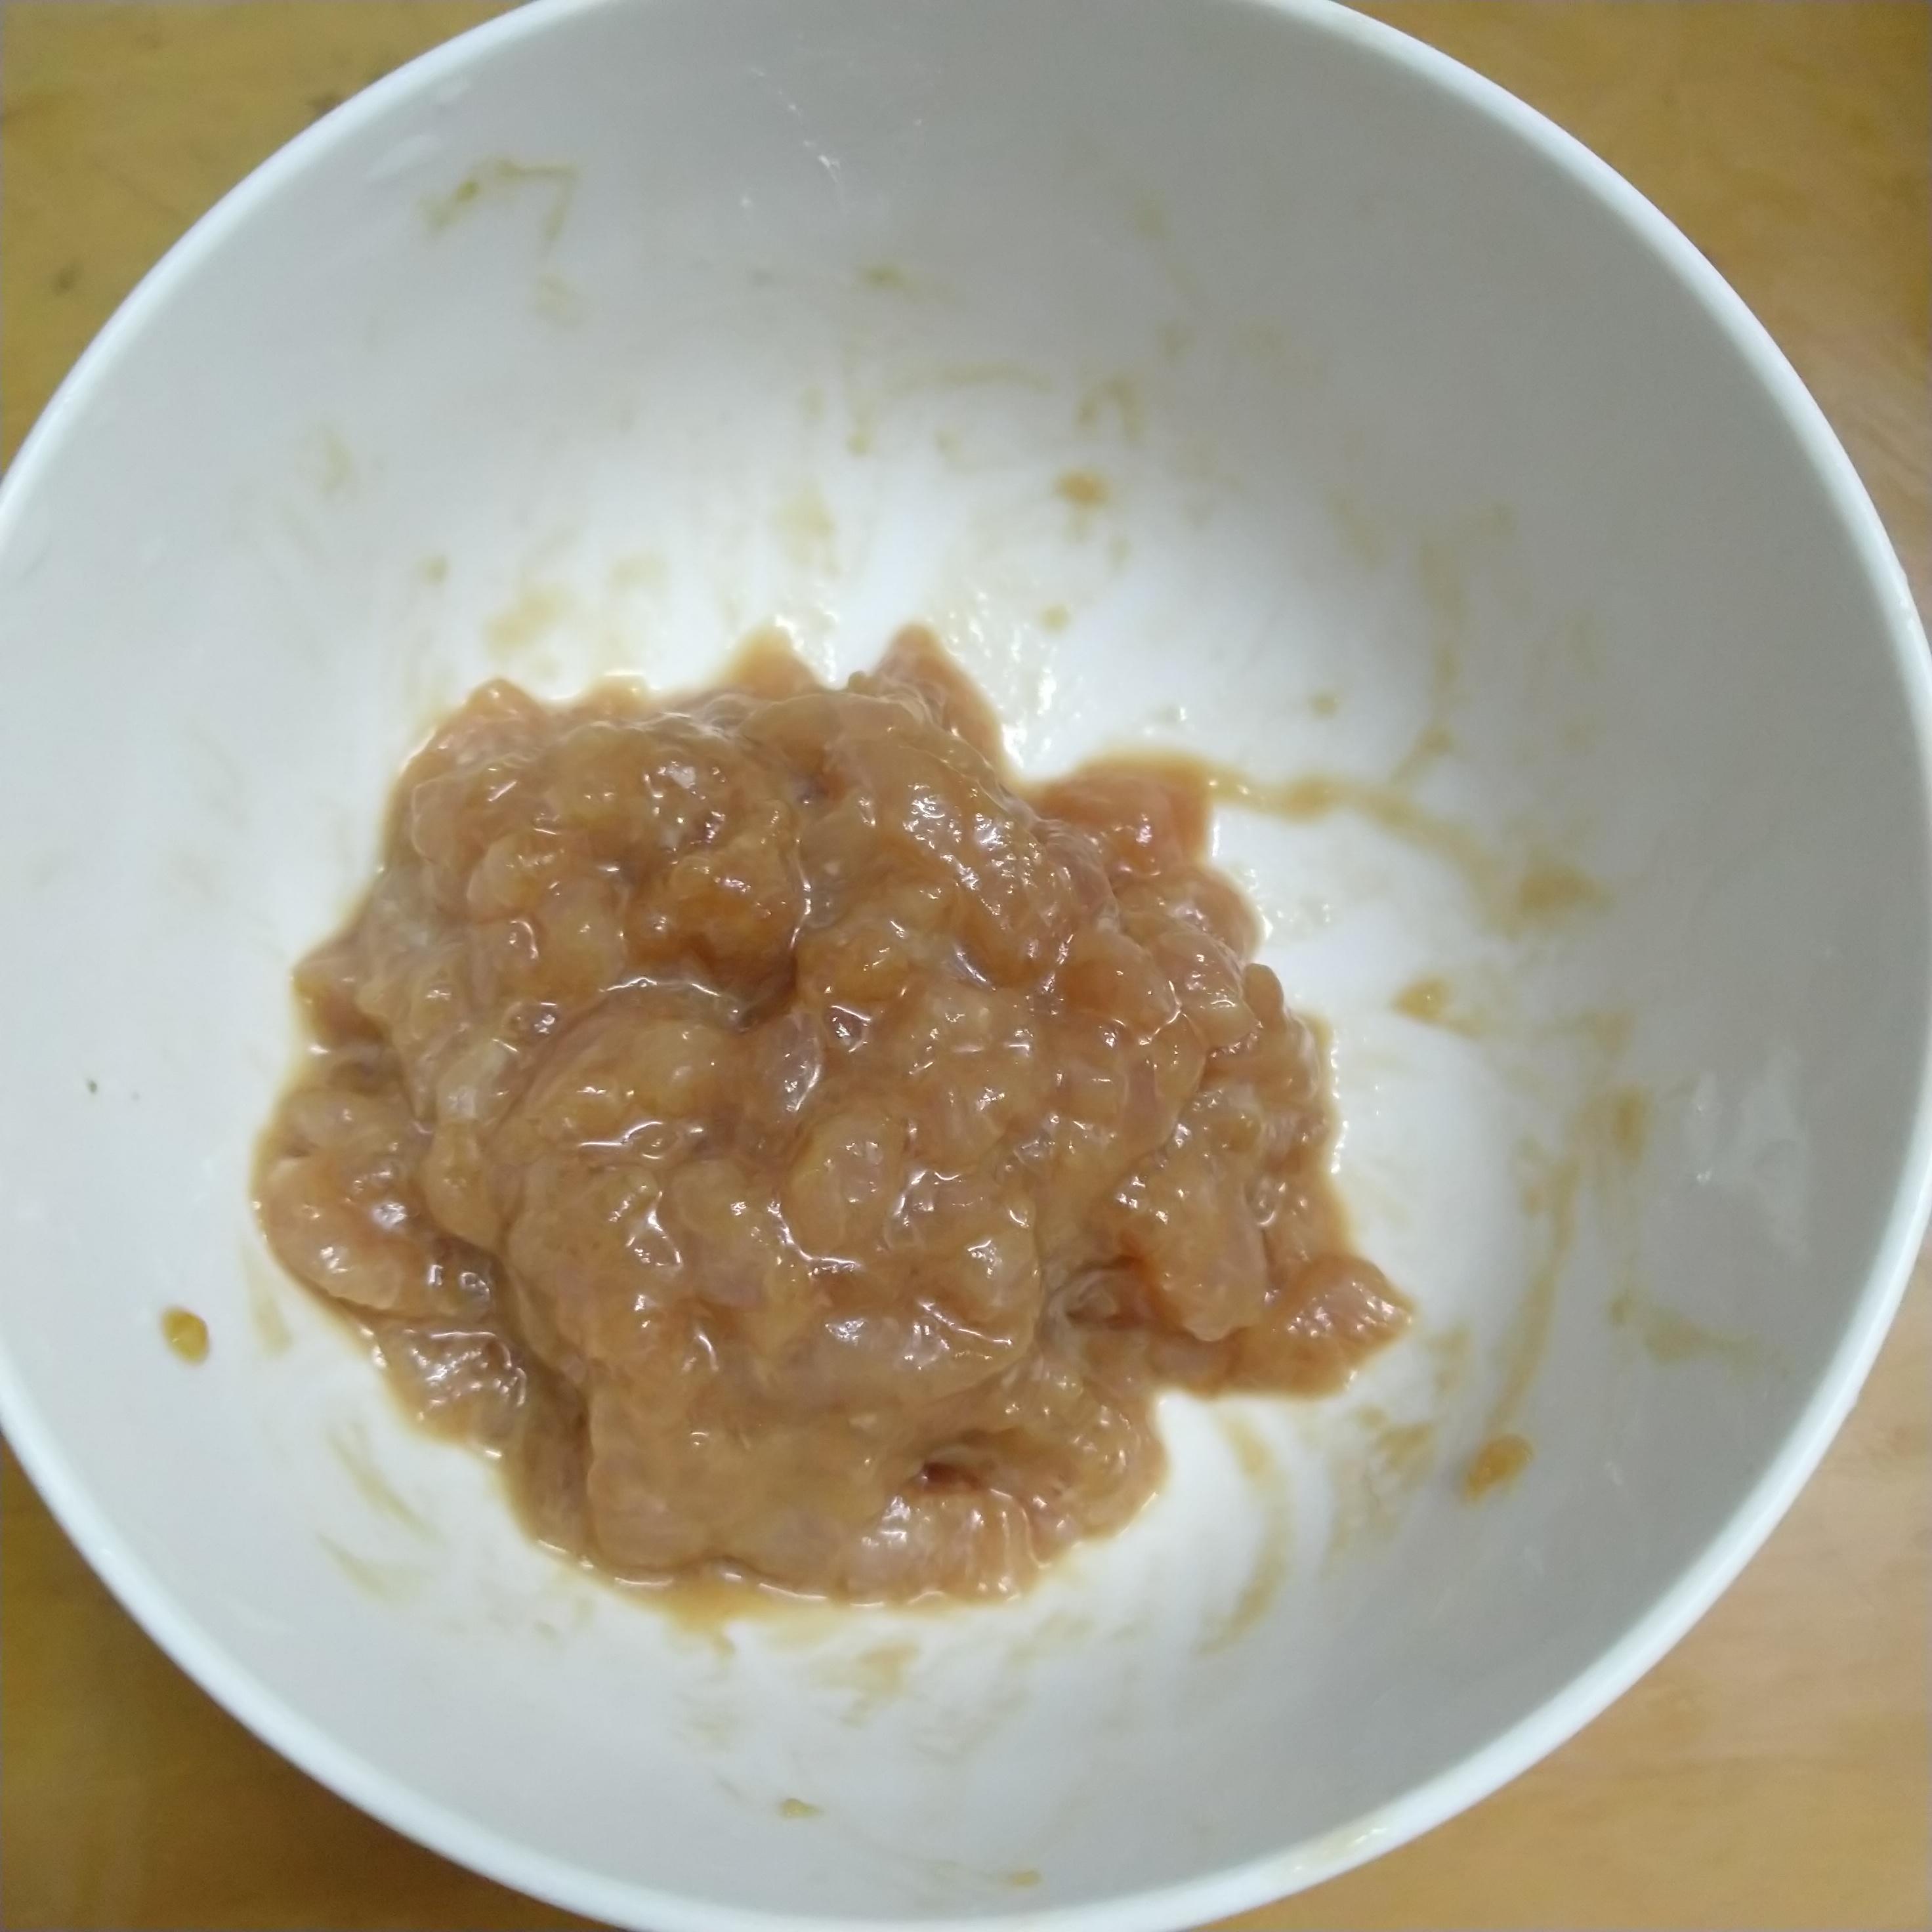 肉沫裹淀粉液